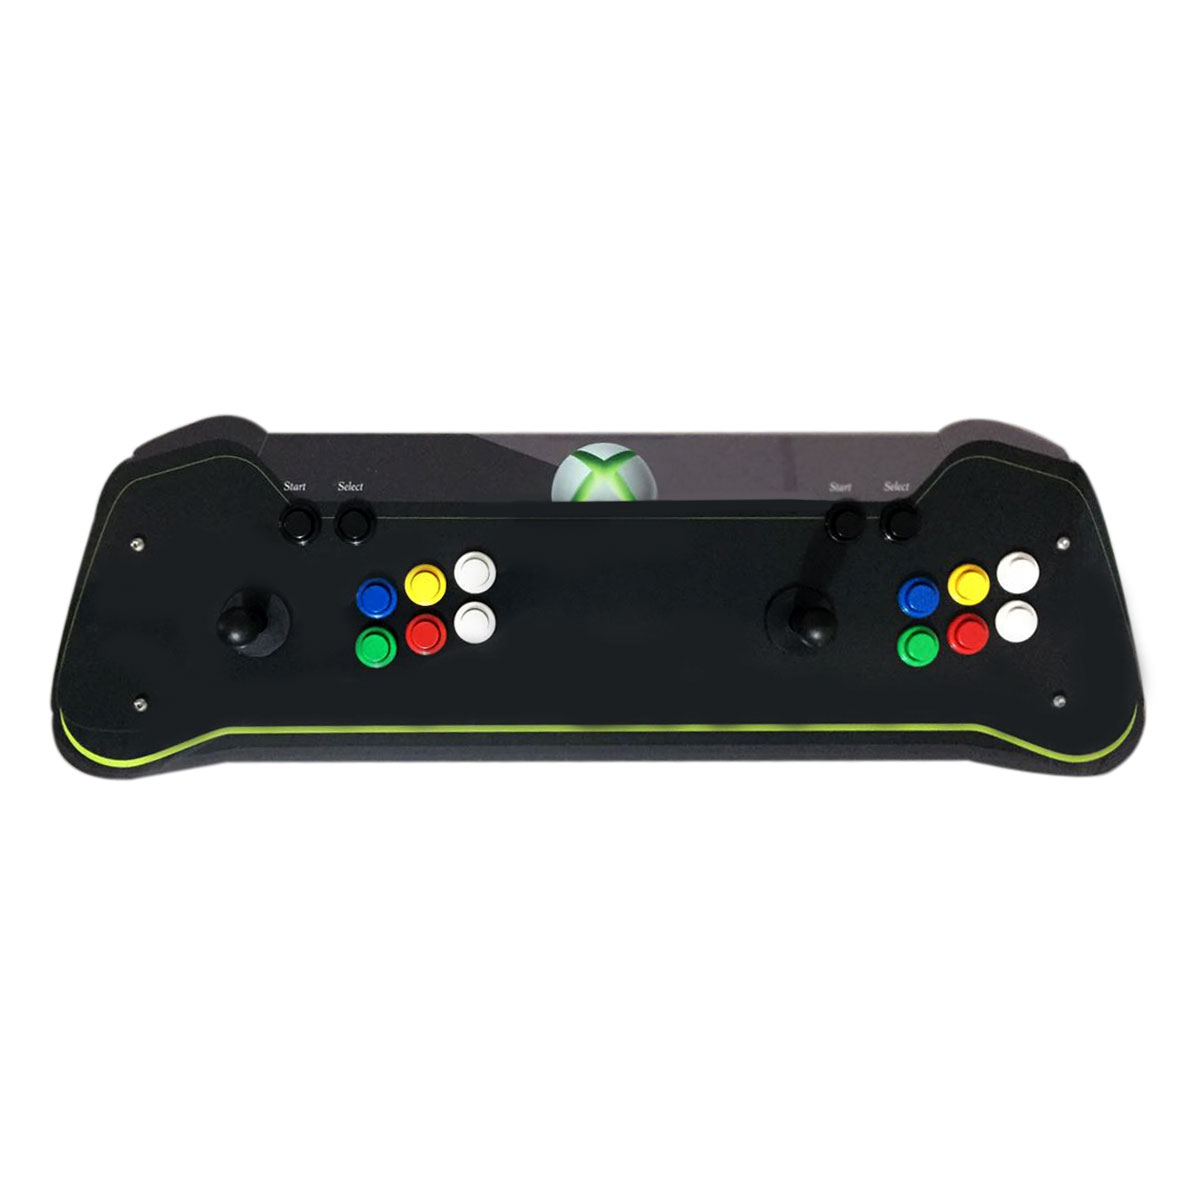 Maquina Fliperama Controle Duplo Arcade Com Desenho Do Xbox